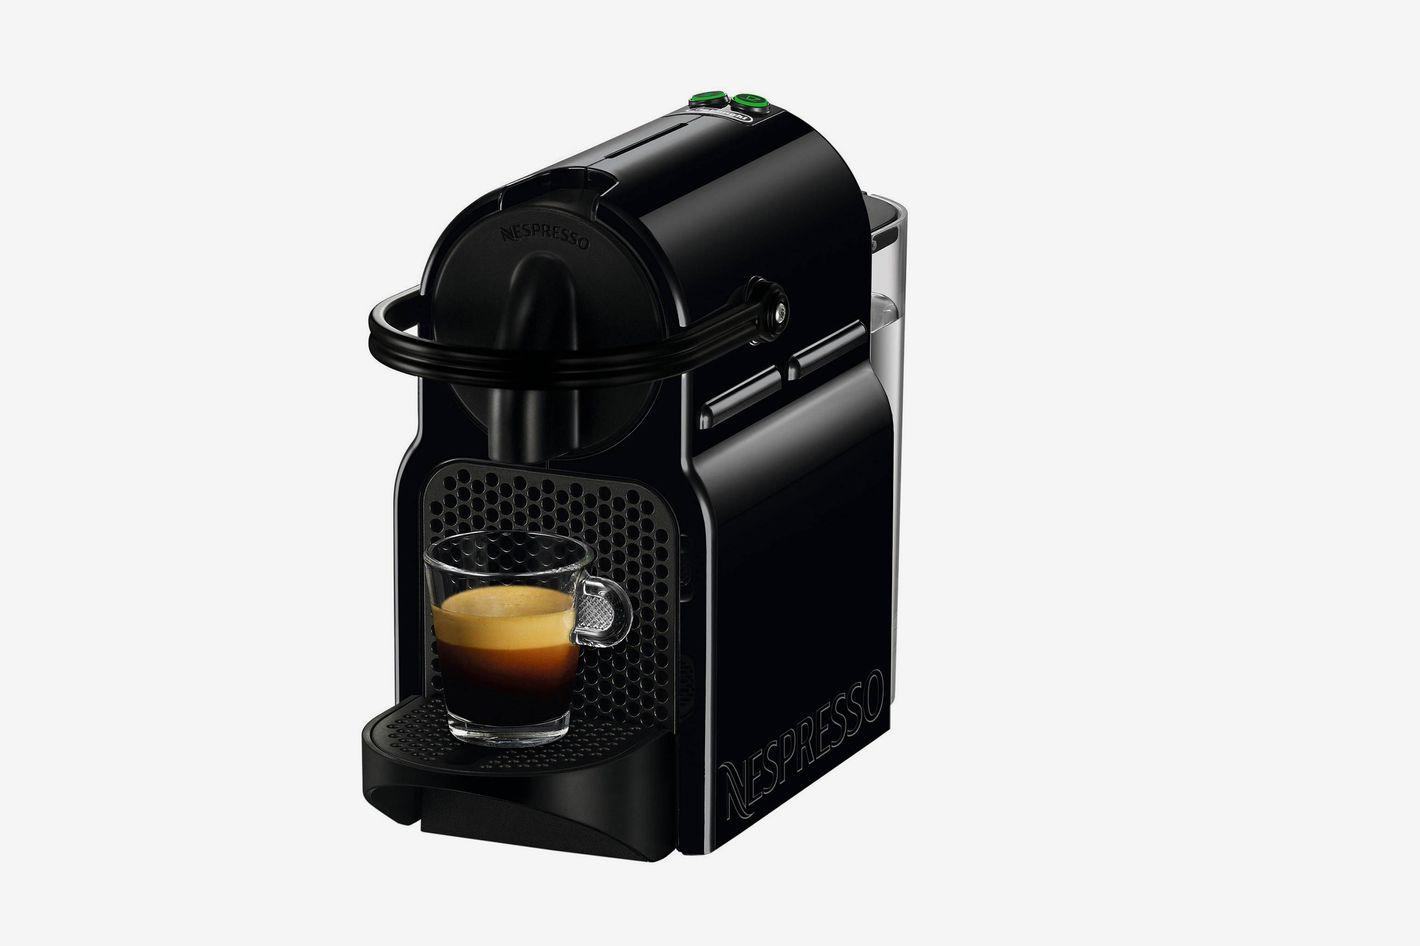 Nespresso Inissia Espresso Maker by De'Longhi